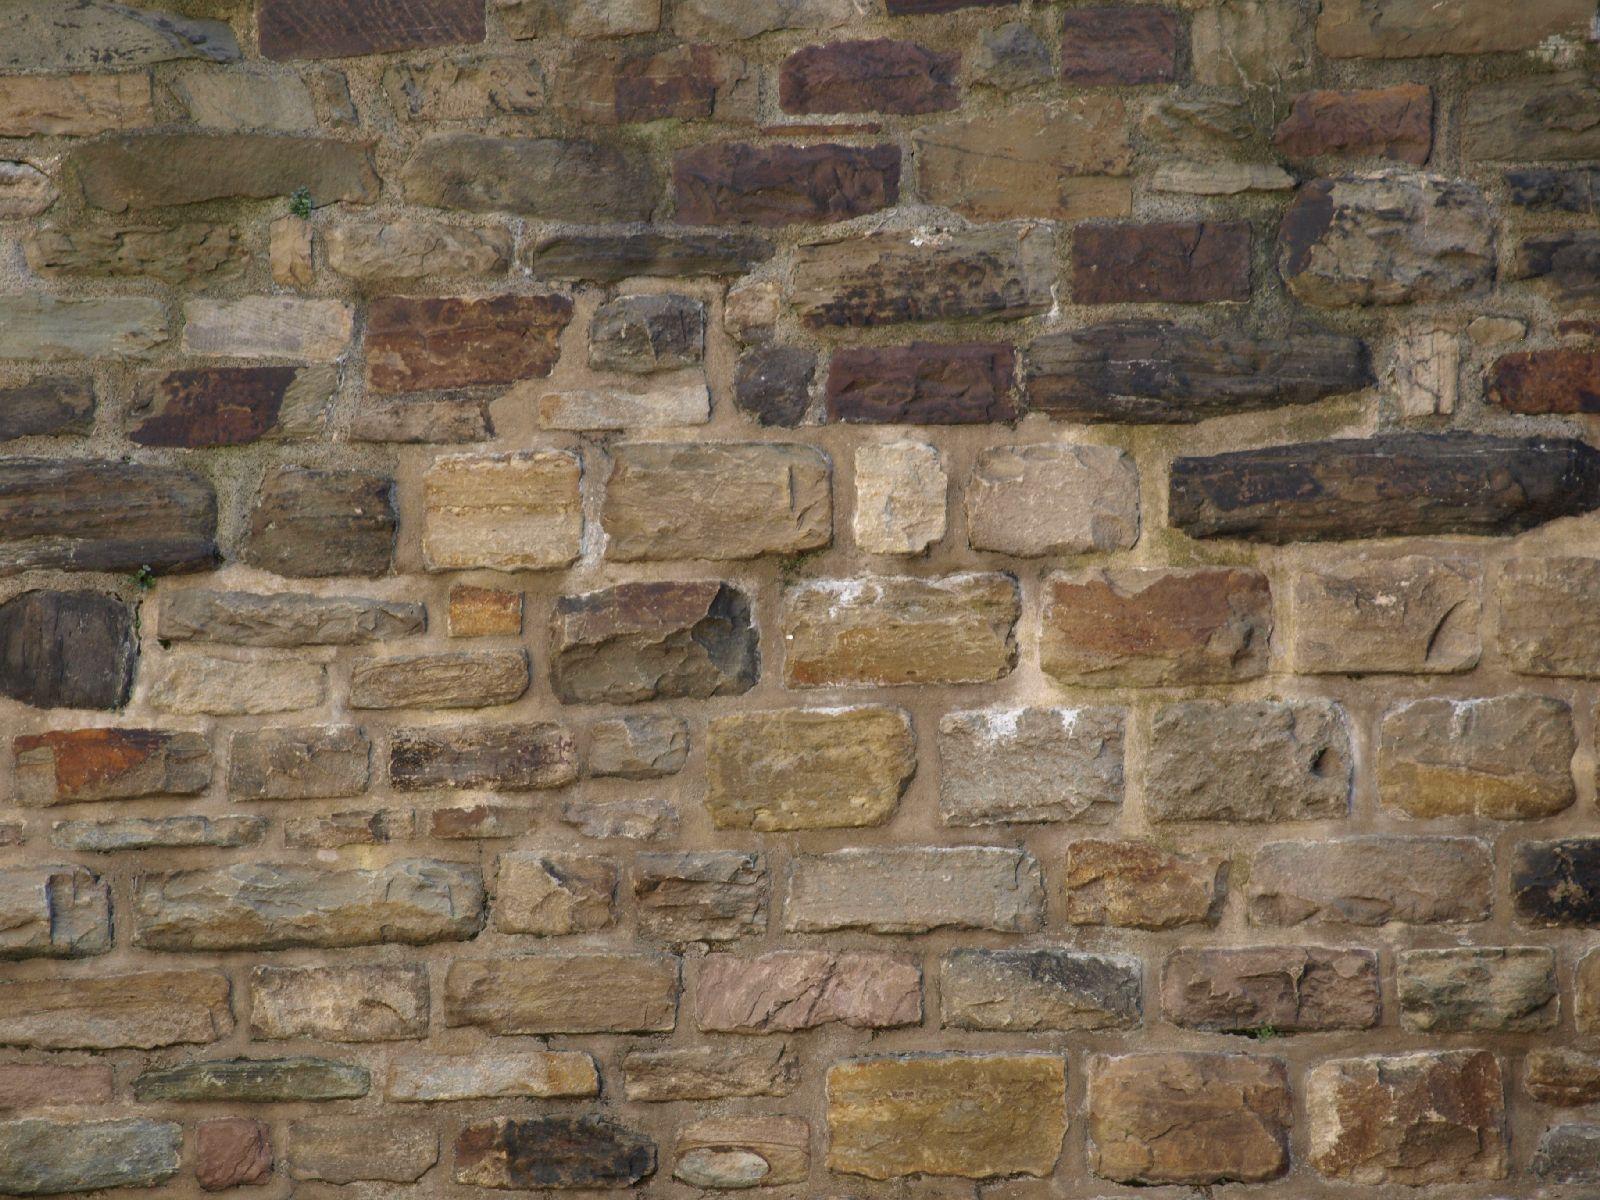 Wand-Steinbloecke-Quader_Textur_A_P6137502